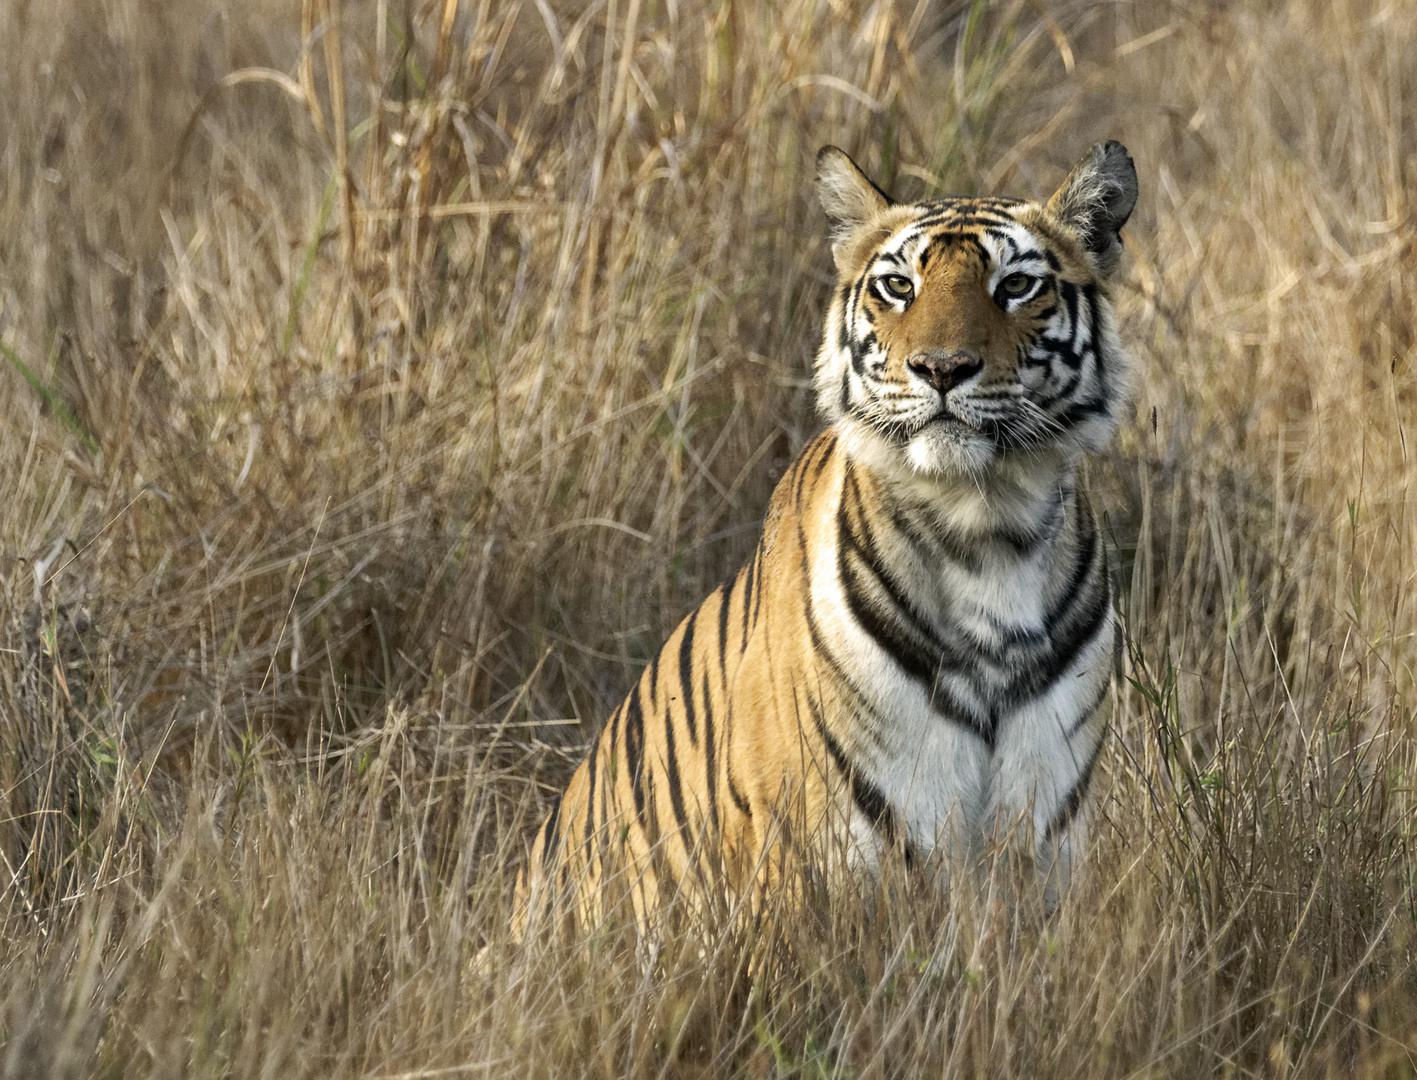 Tiger, Bandhavgarh NP, Indien